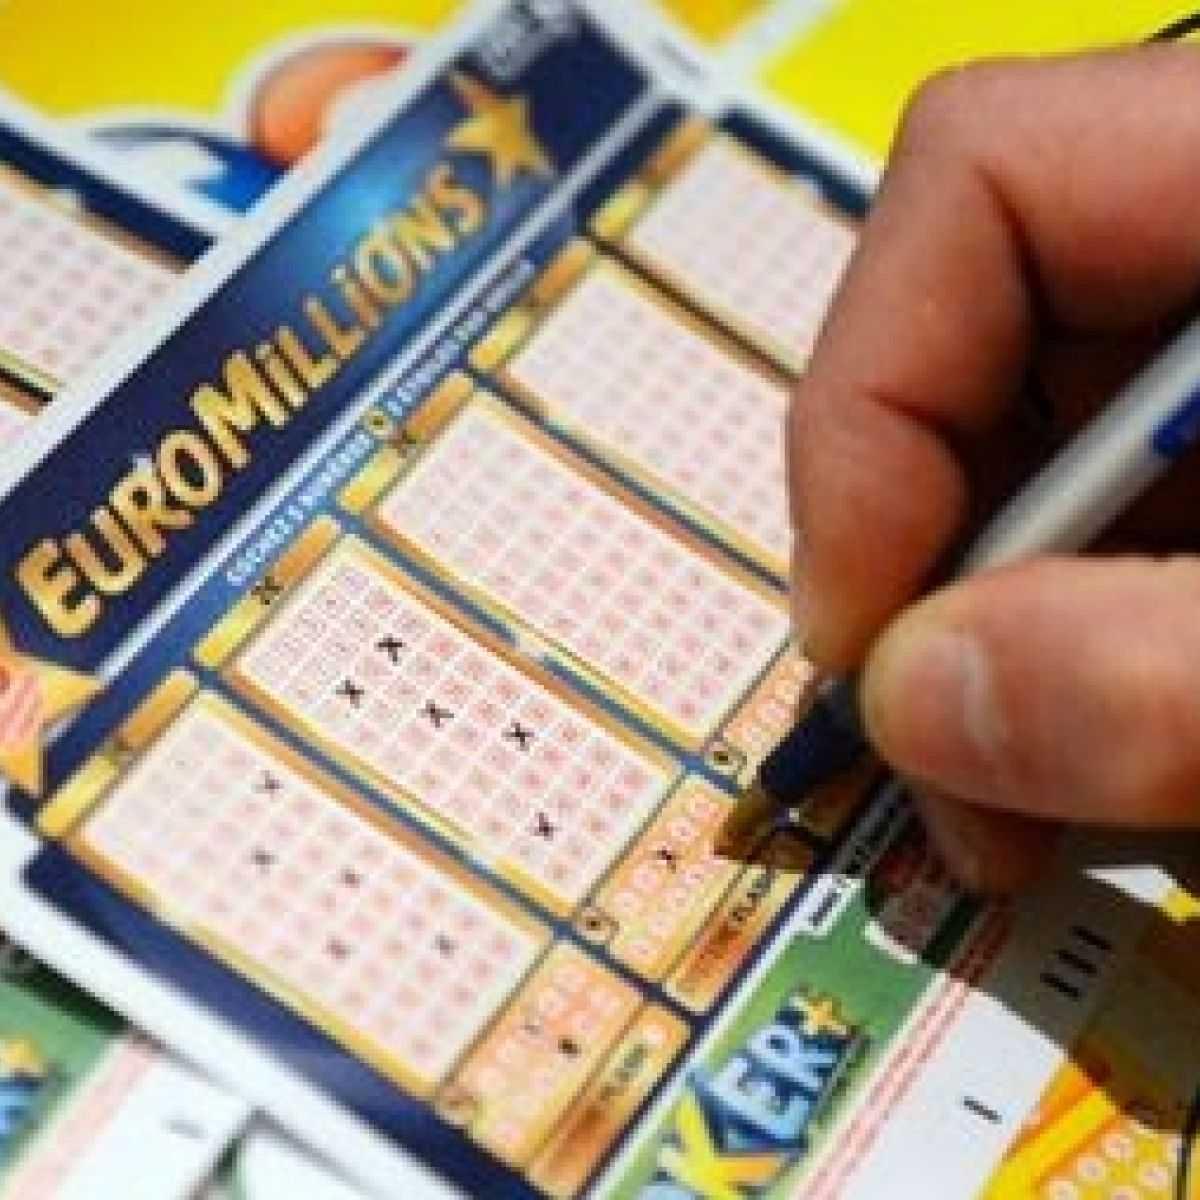 إحصائيات يانصيب EuroMillions